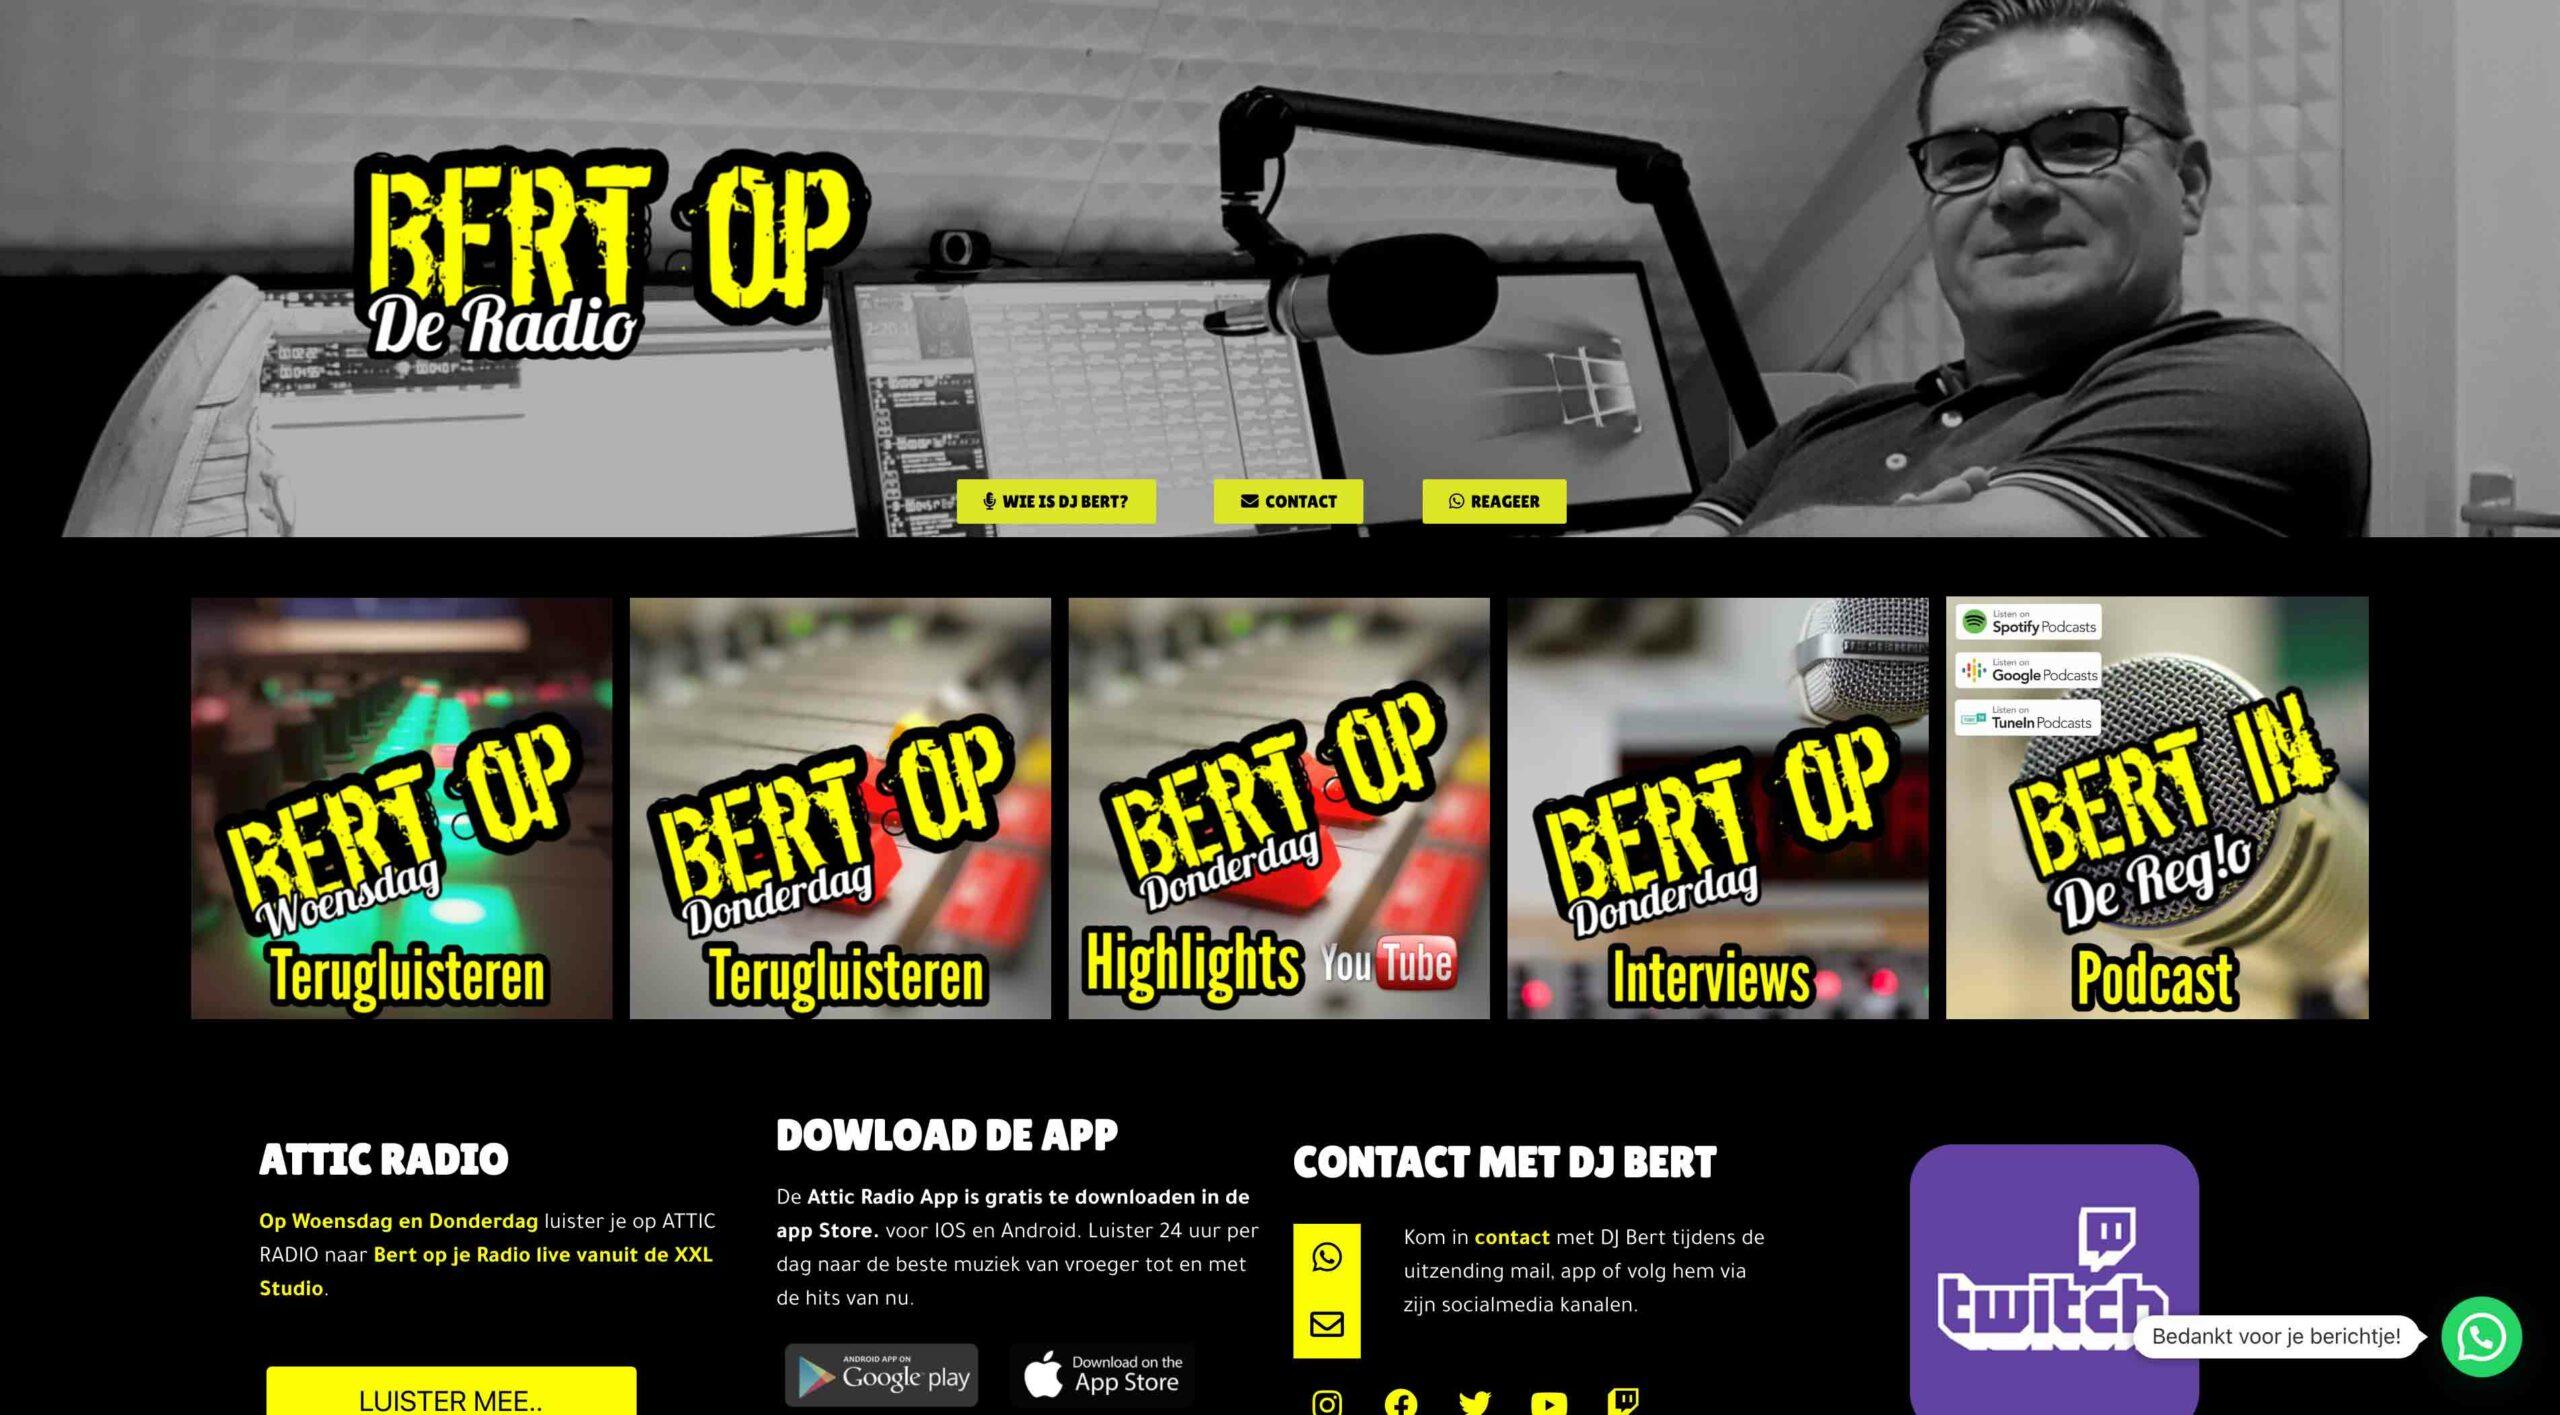 332 - Bert op de Radio.nl